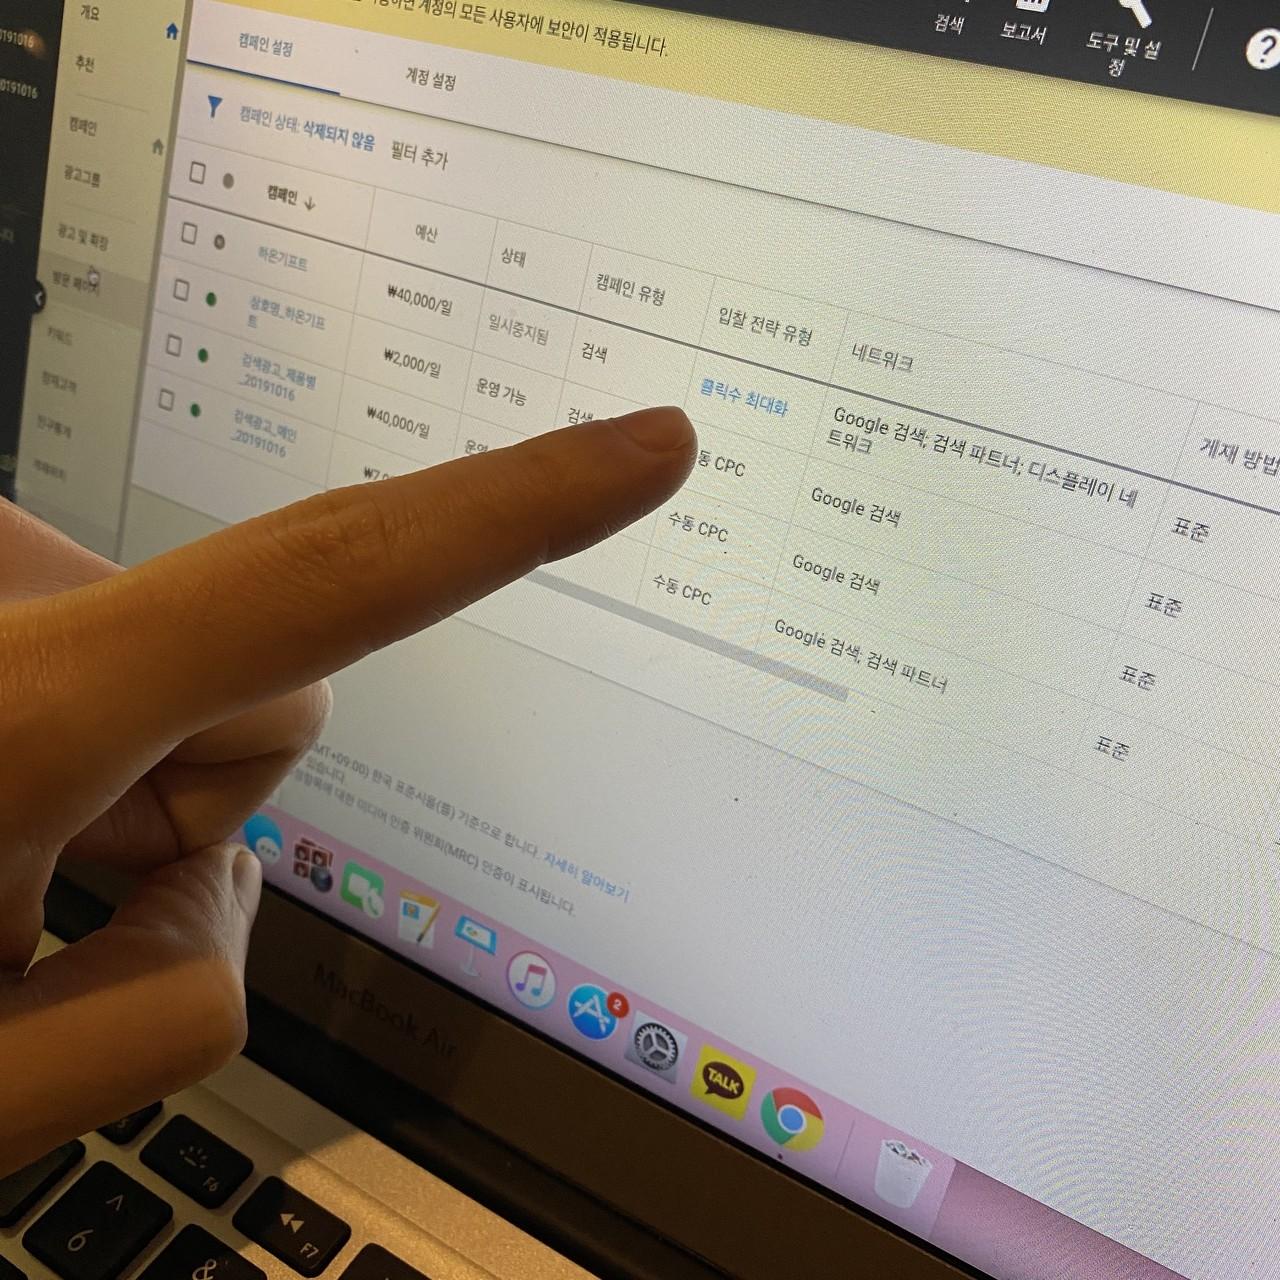 손가락으로 컴퓨터 화면표시